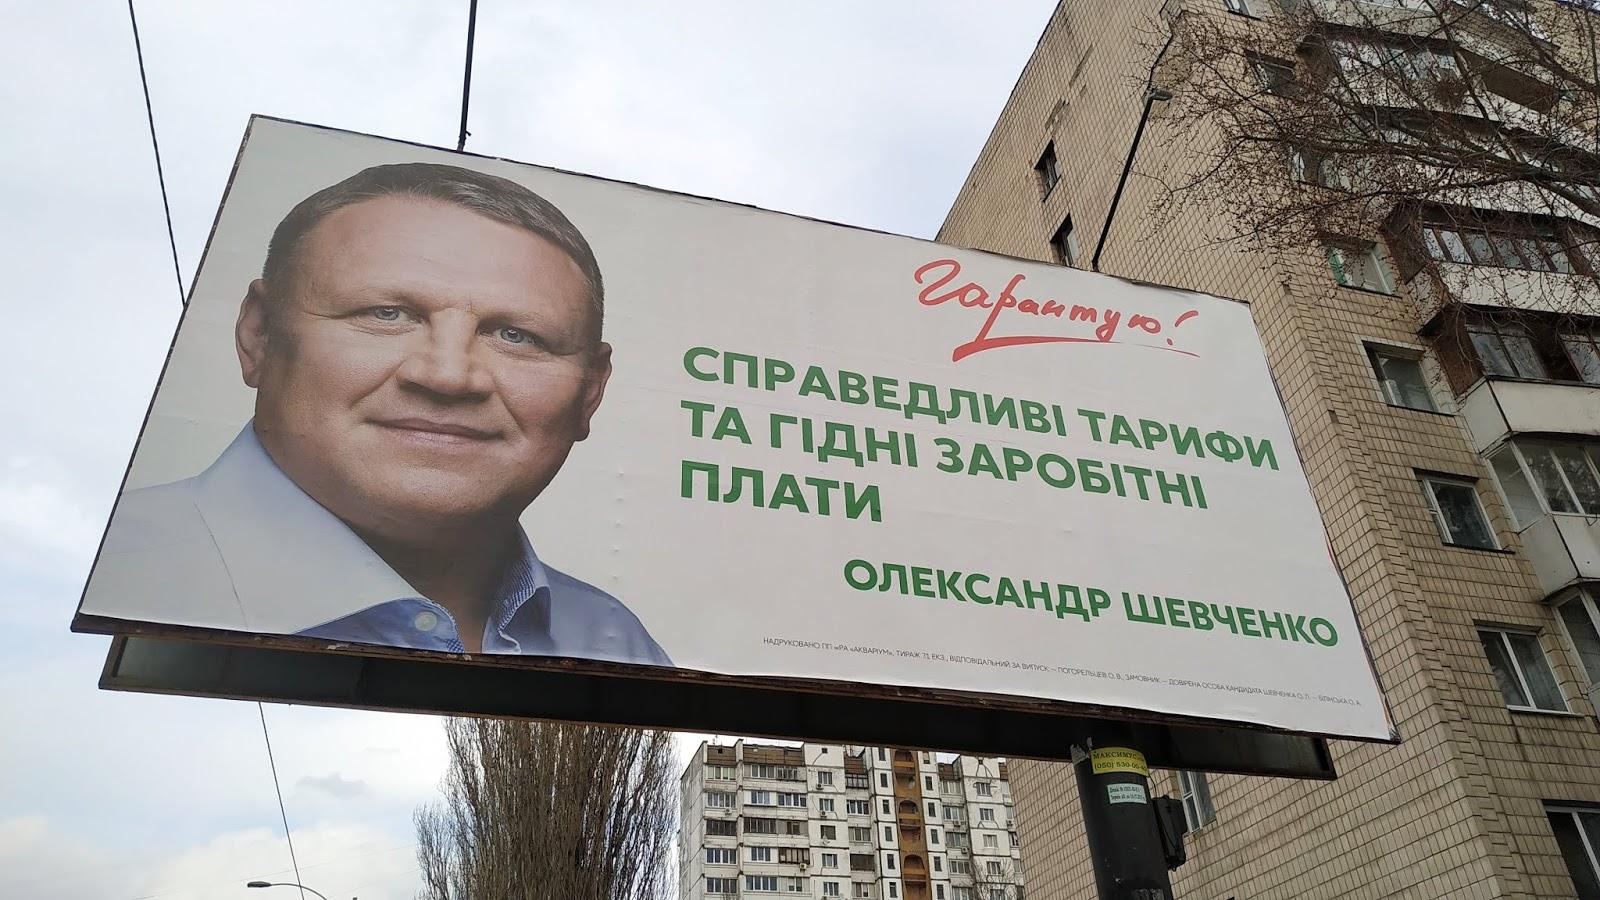 биг борд шевченко кандидат буковель